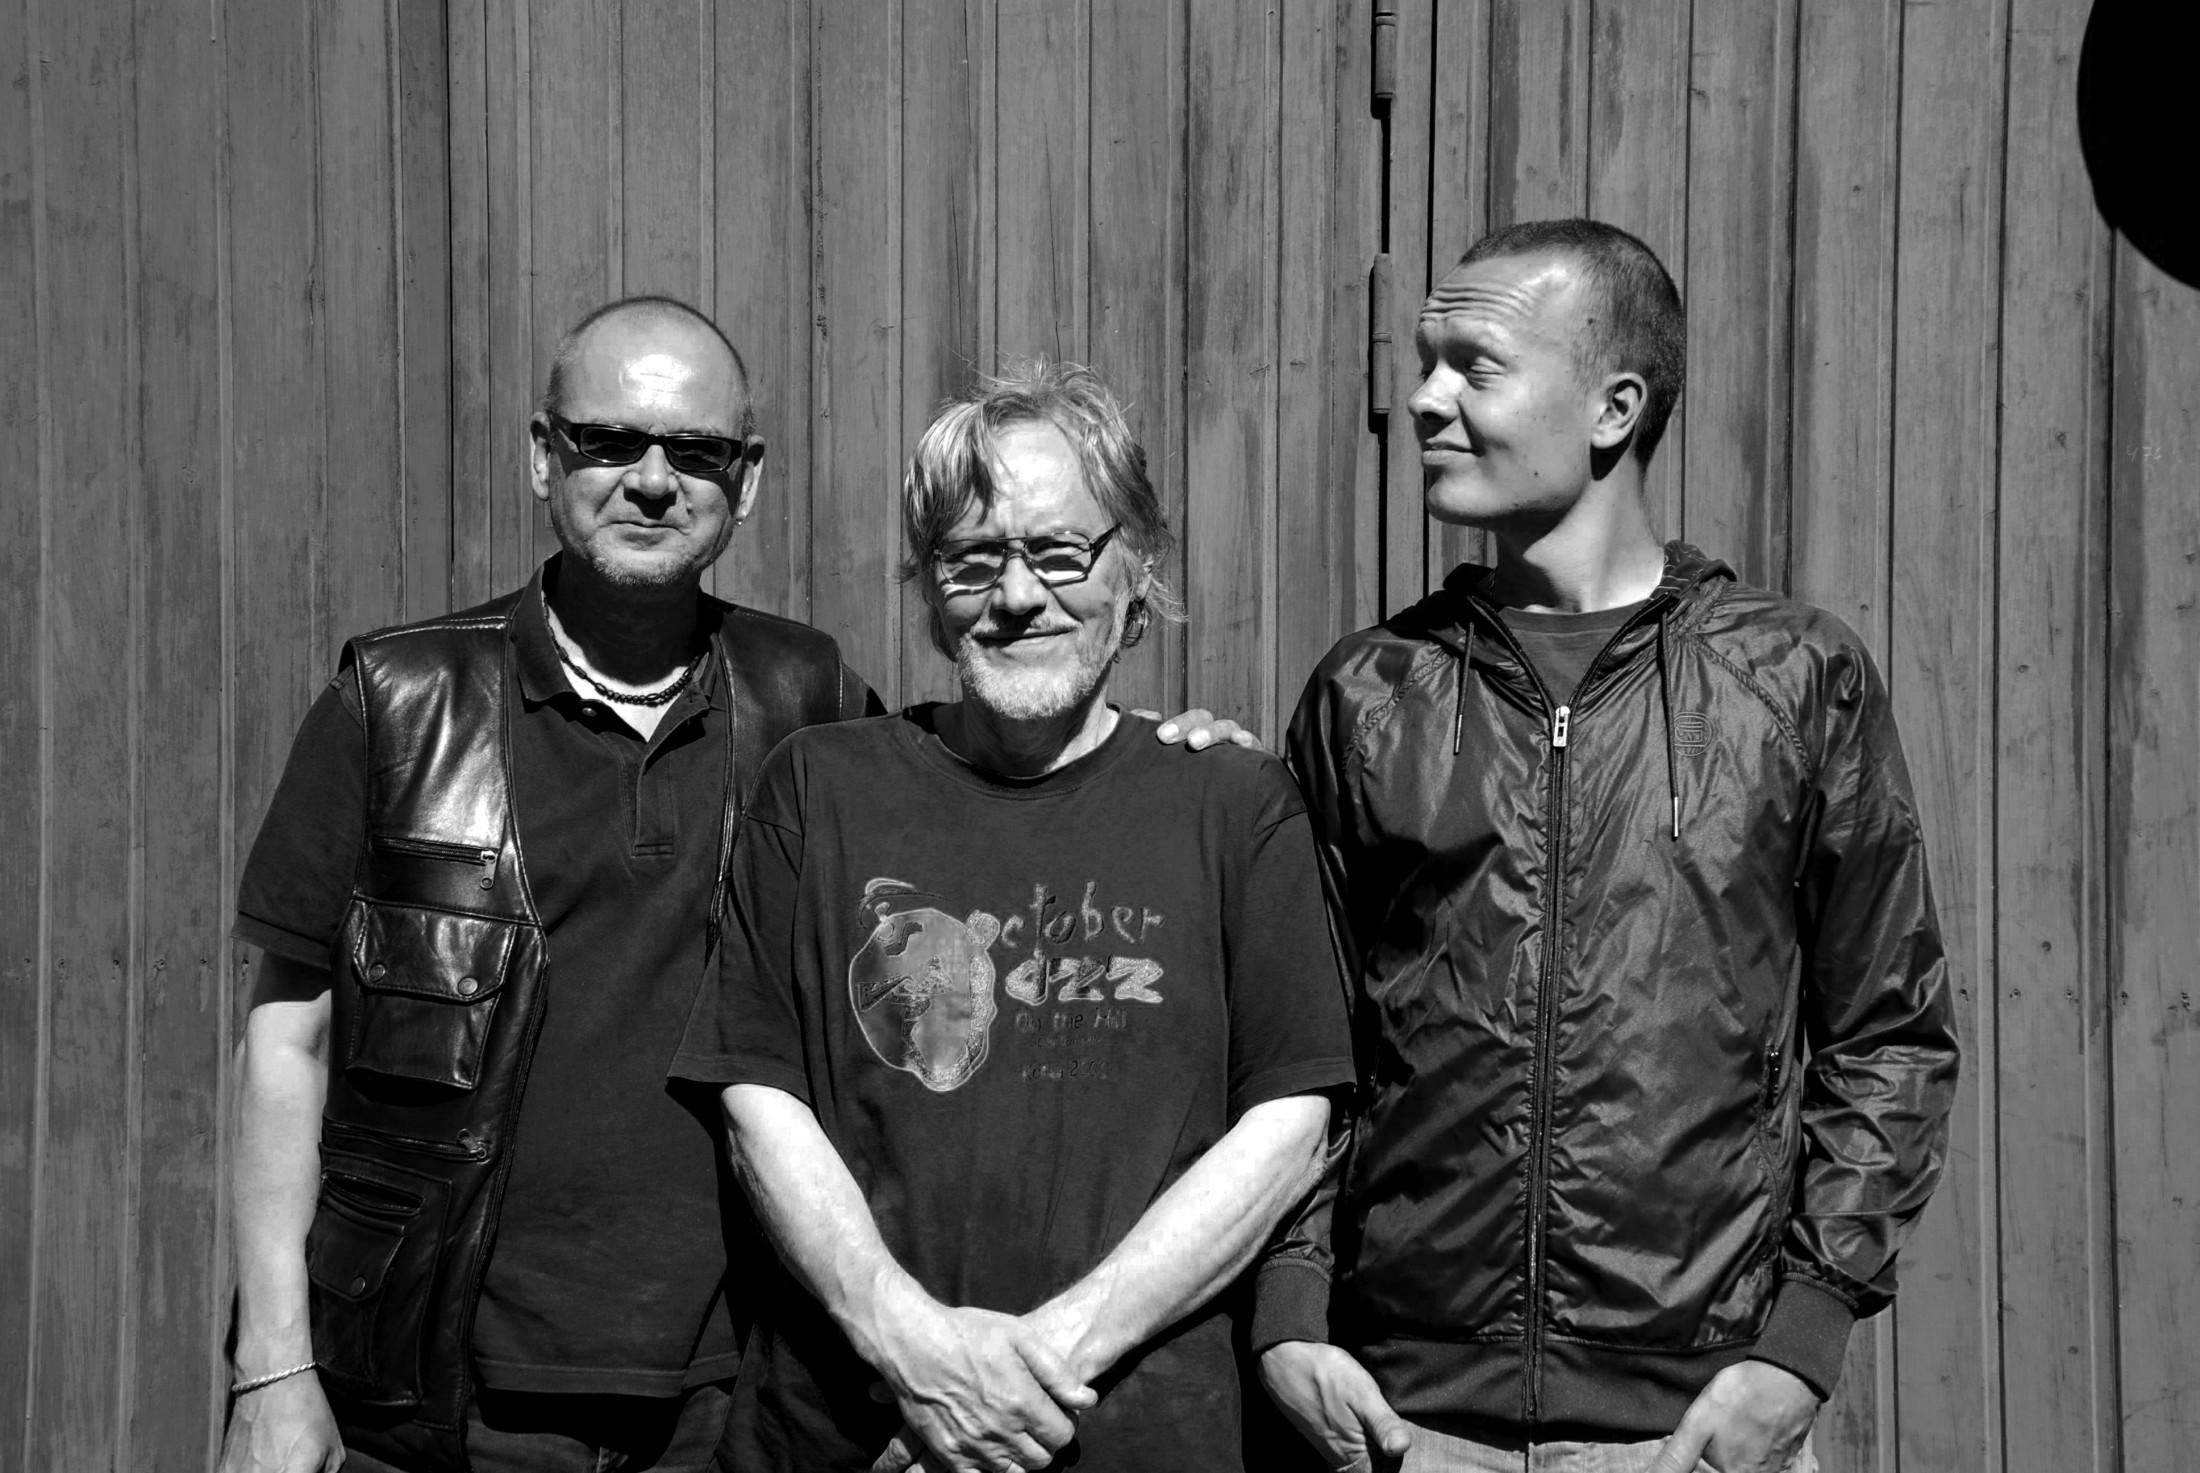 Olavi trio, photo by Petri Haussila